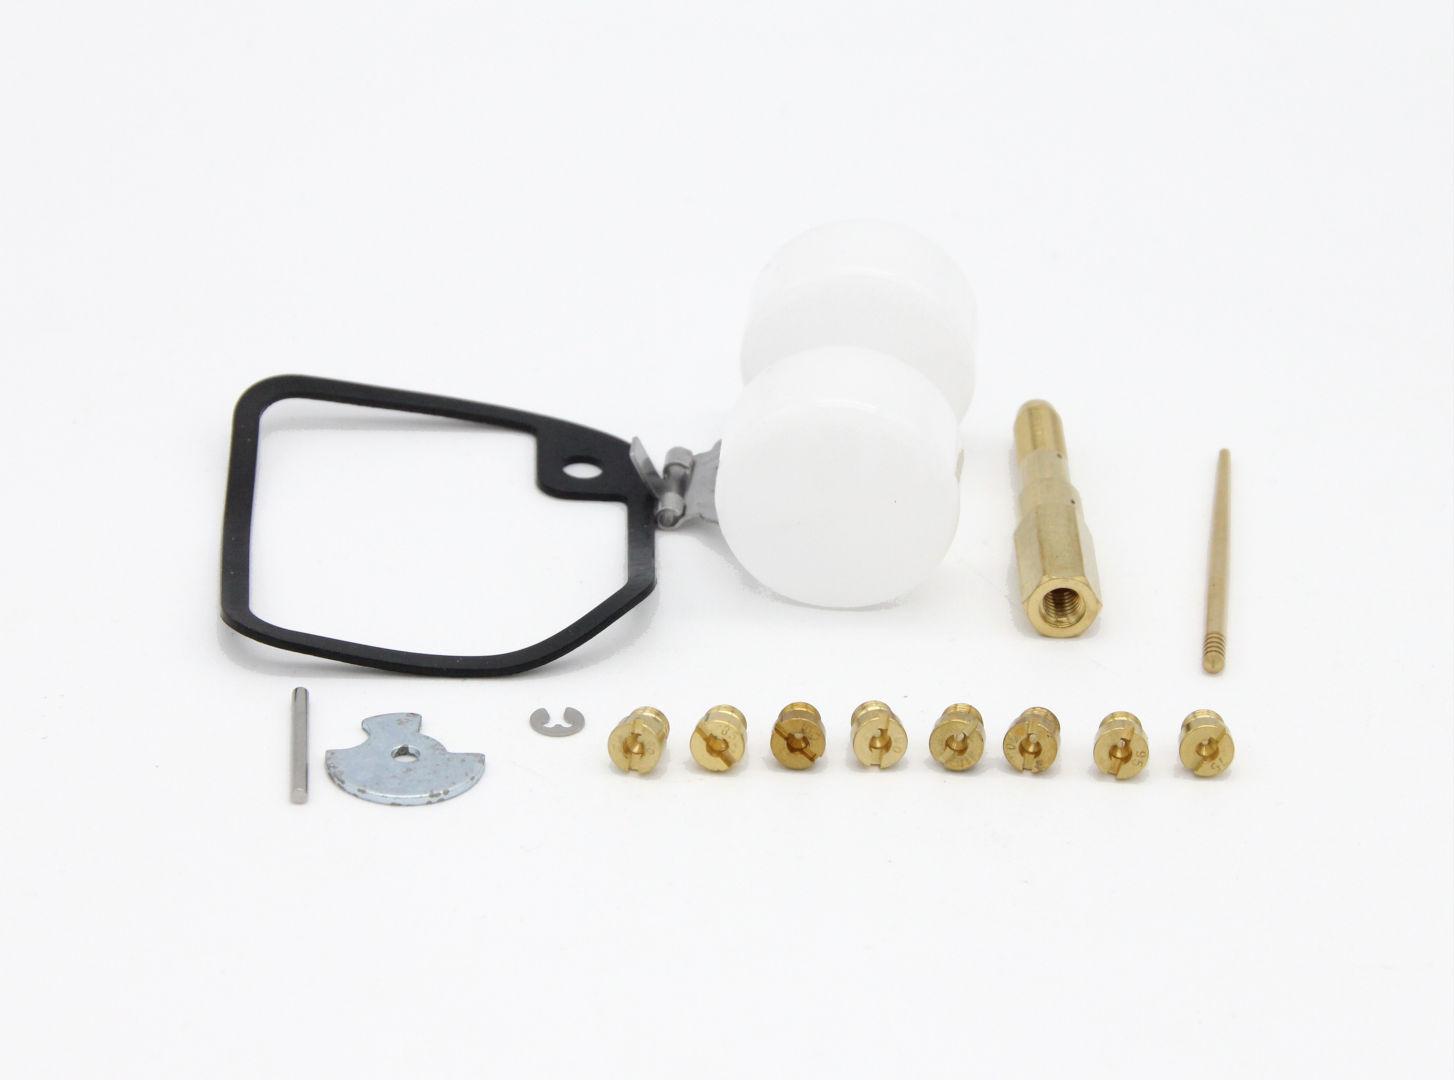 ZT Upgrade Kit GEN2 (16 - 21mm Vergaser)